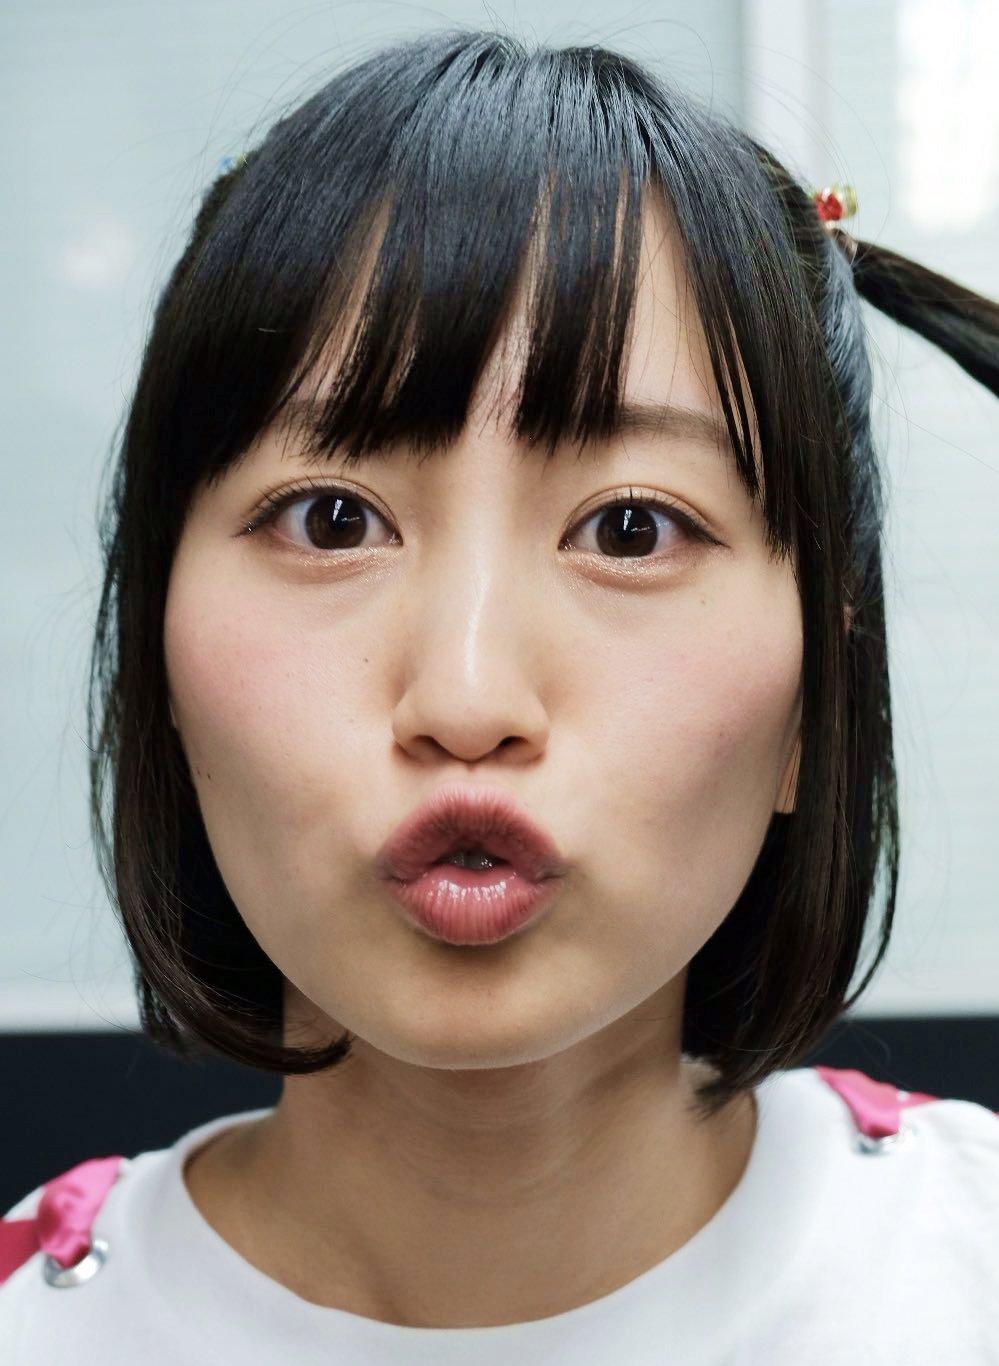 佐藤遥のキス顔